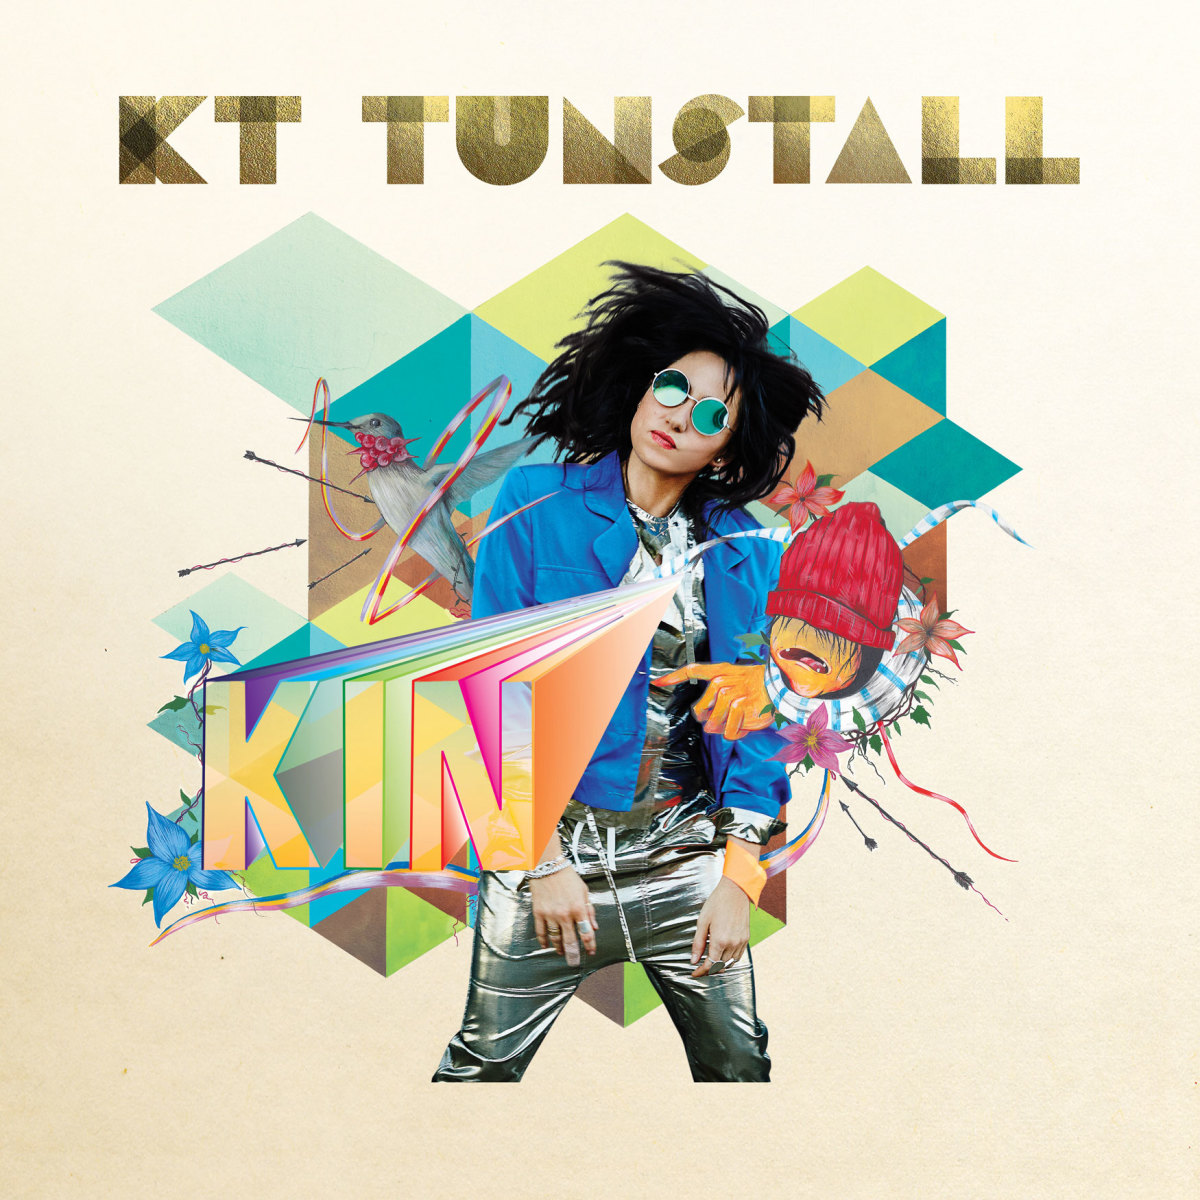 """KT Tunstall's new record, """"Kin"""""""